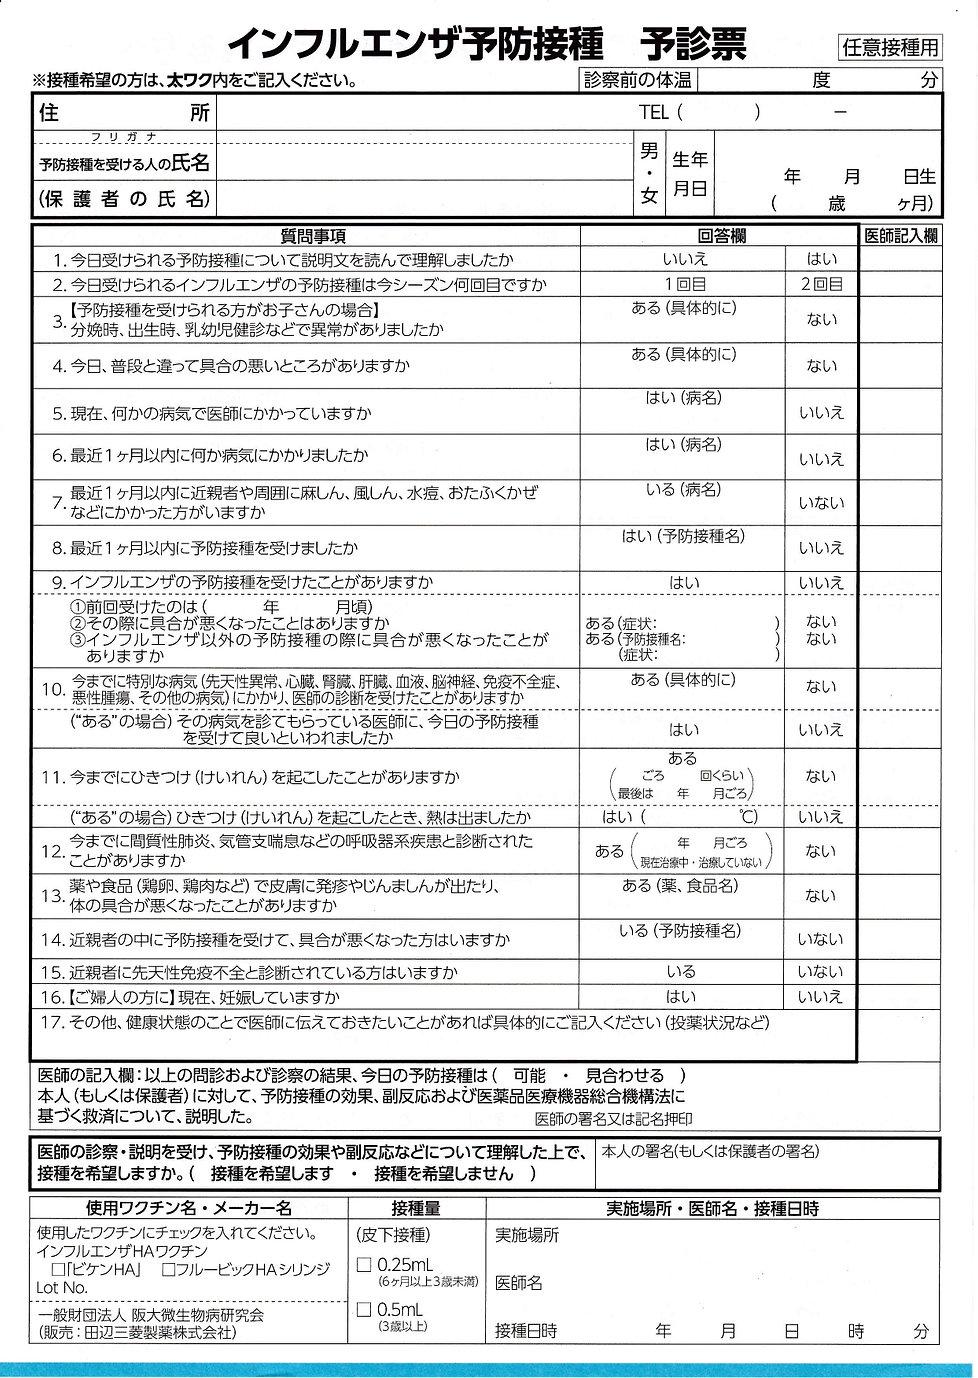 インフルエンザ予診票 表面_page-0001.jpg